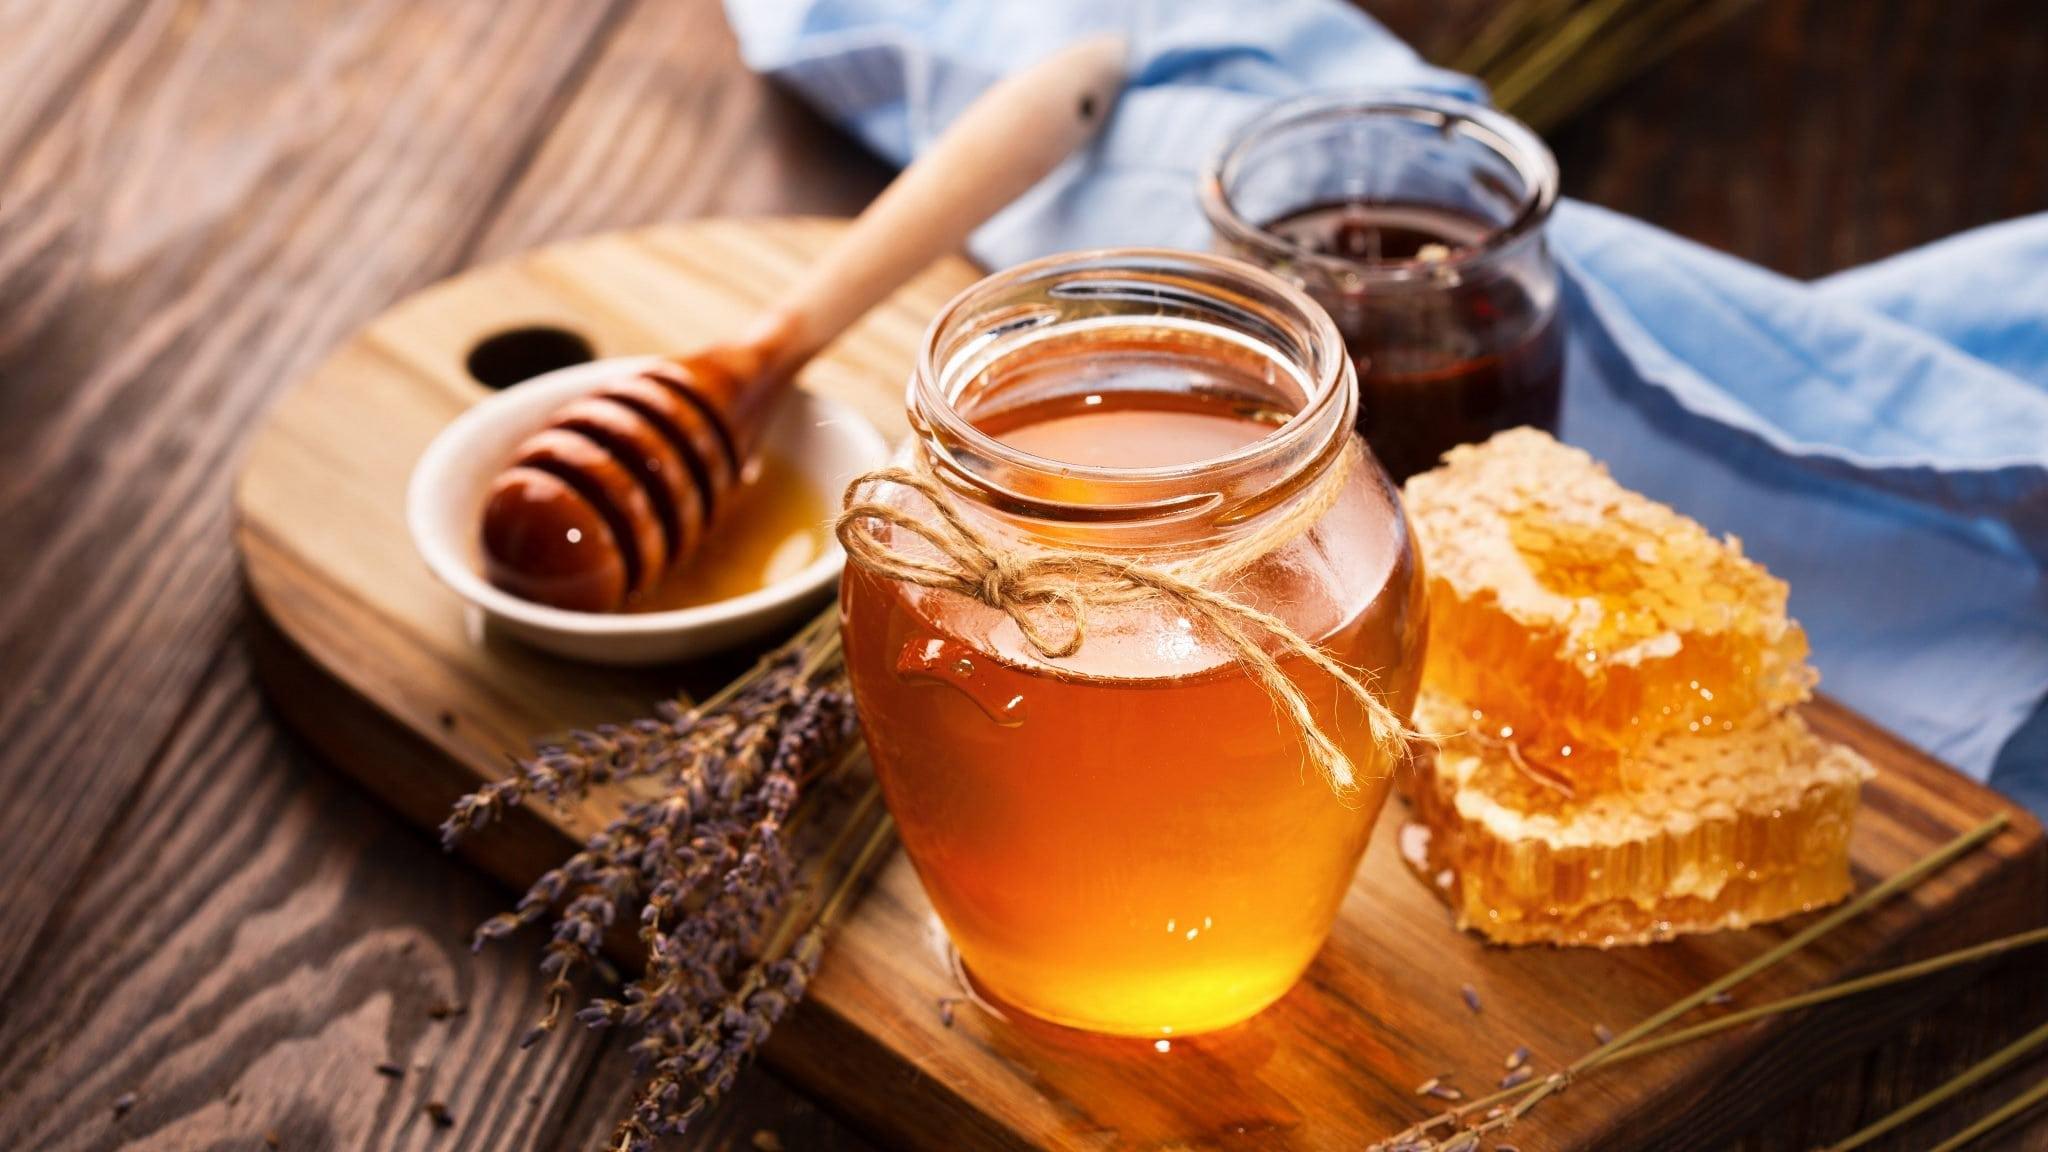 Mật ong giúp cải thiện cân nặng